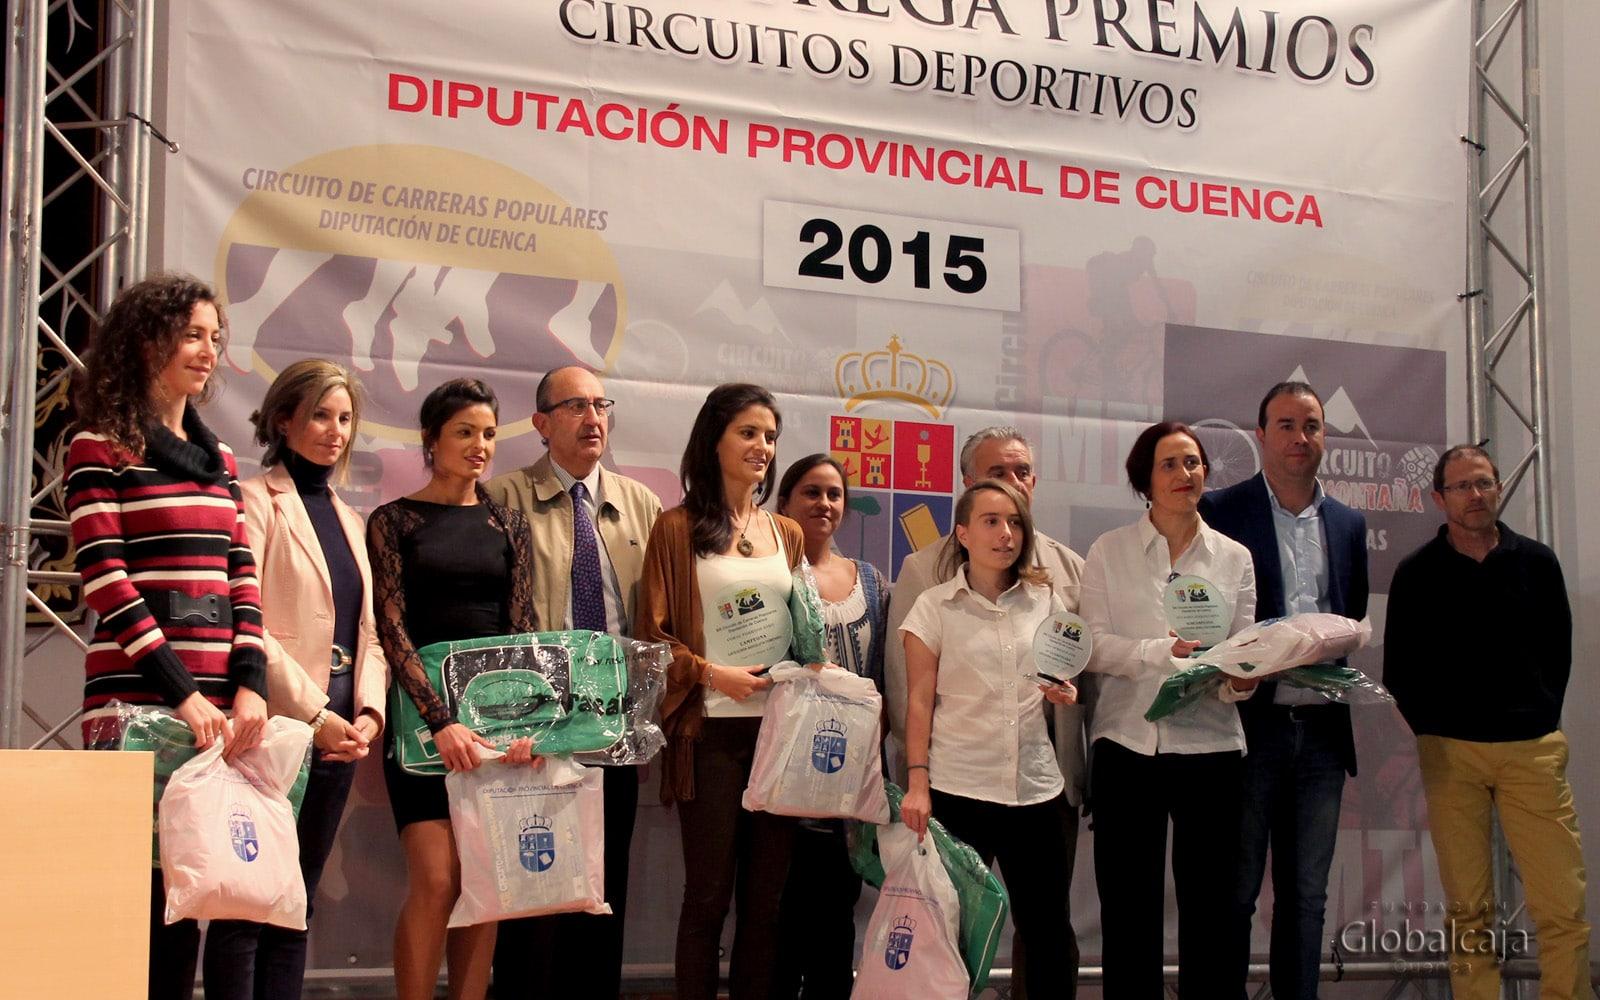 https://blog.globalcaja.es/wp-content/uploads/2015/12/GALA-DIPUTACION_circuitos-deportivos-9W-P.jpg